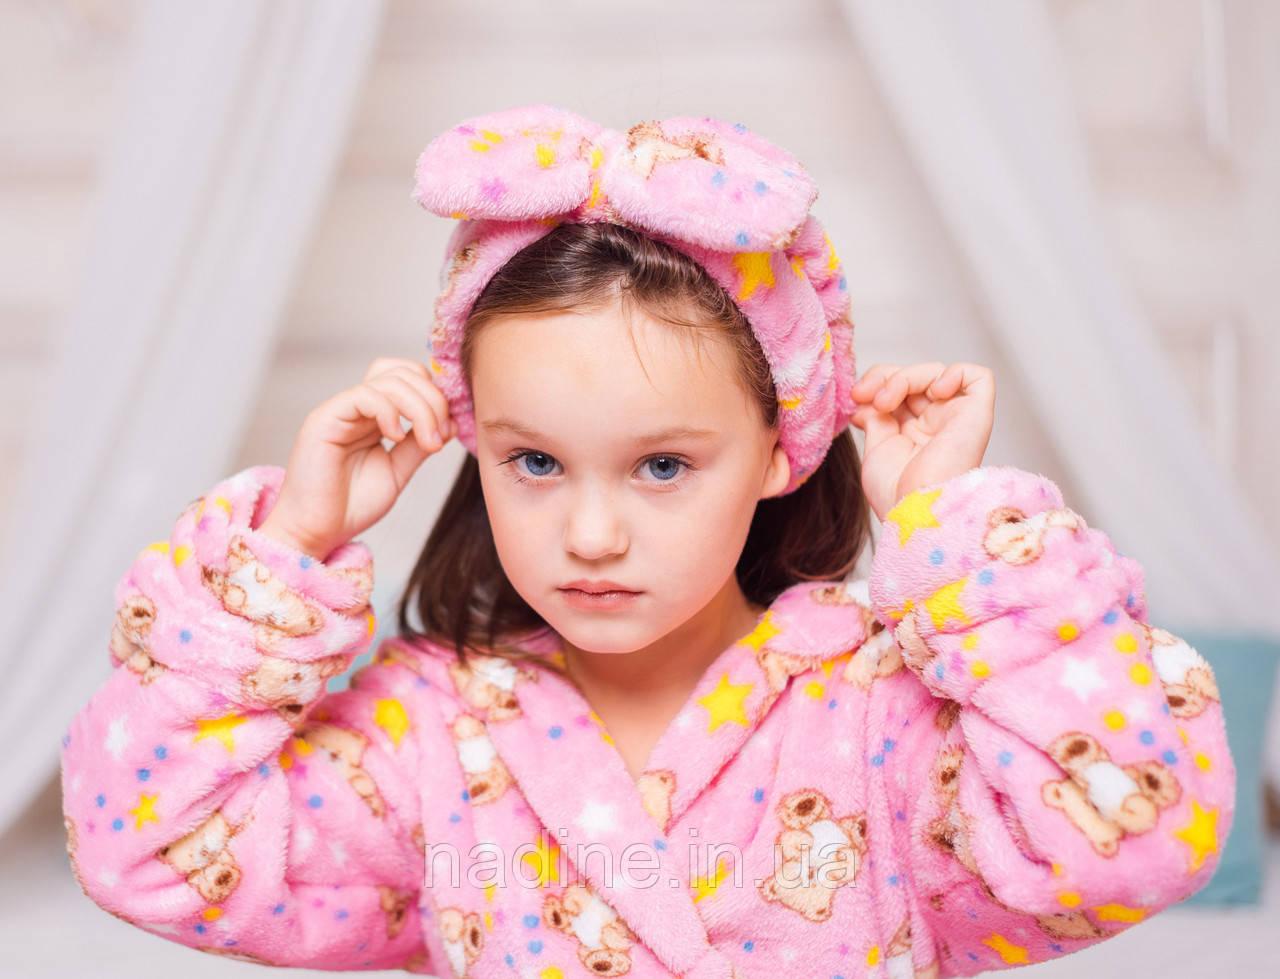 Косметическая повязка для волос Eirena Nadine (215-625) розовая